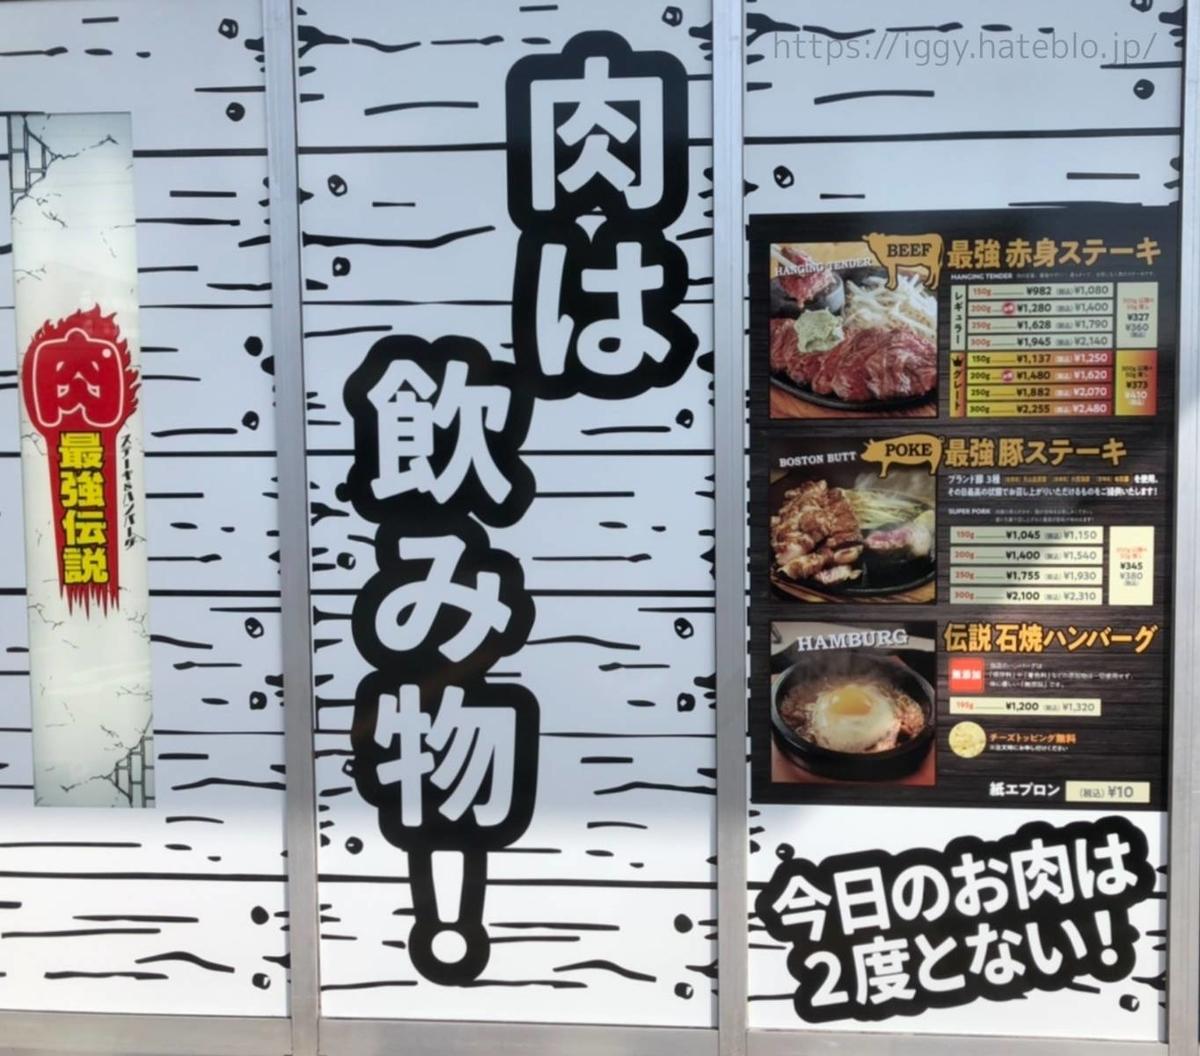 肉最強伝説 コマーシャルモール店 メニュー 値段